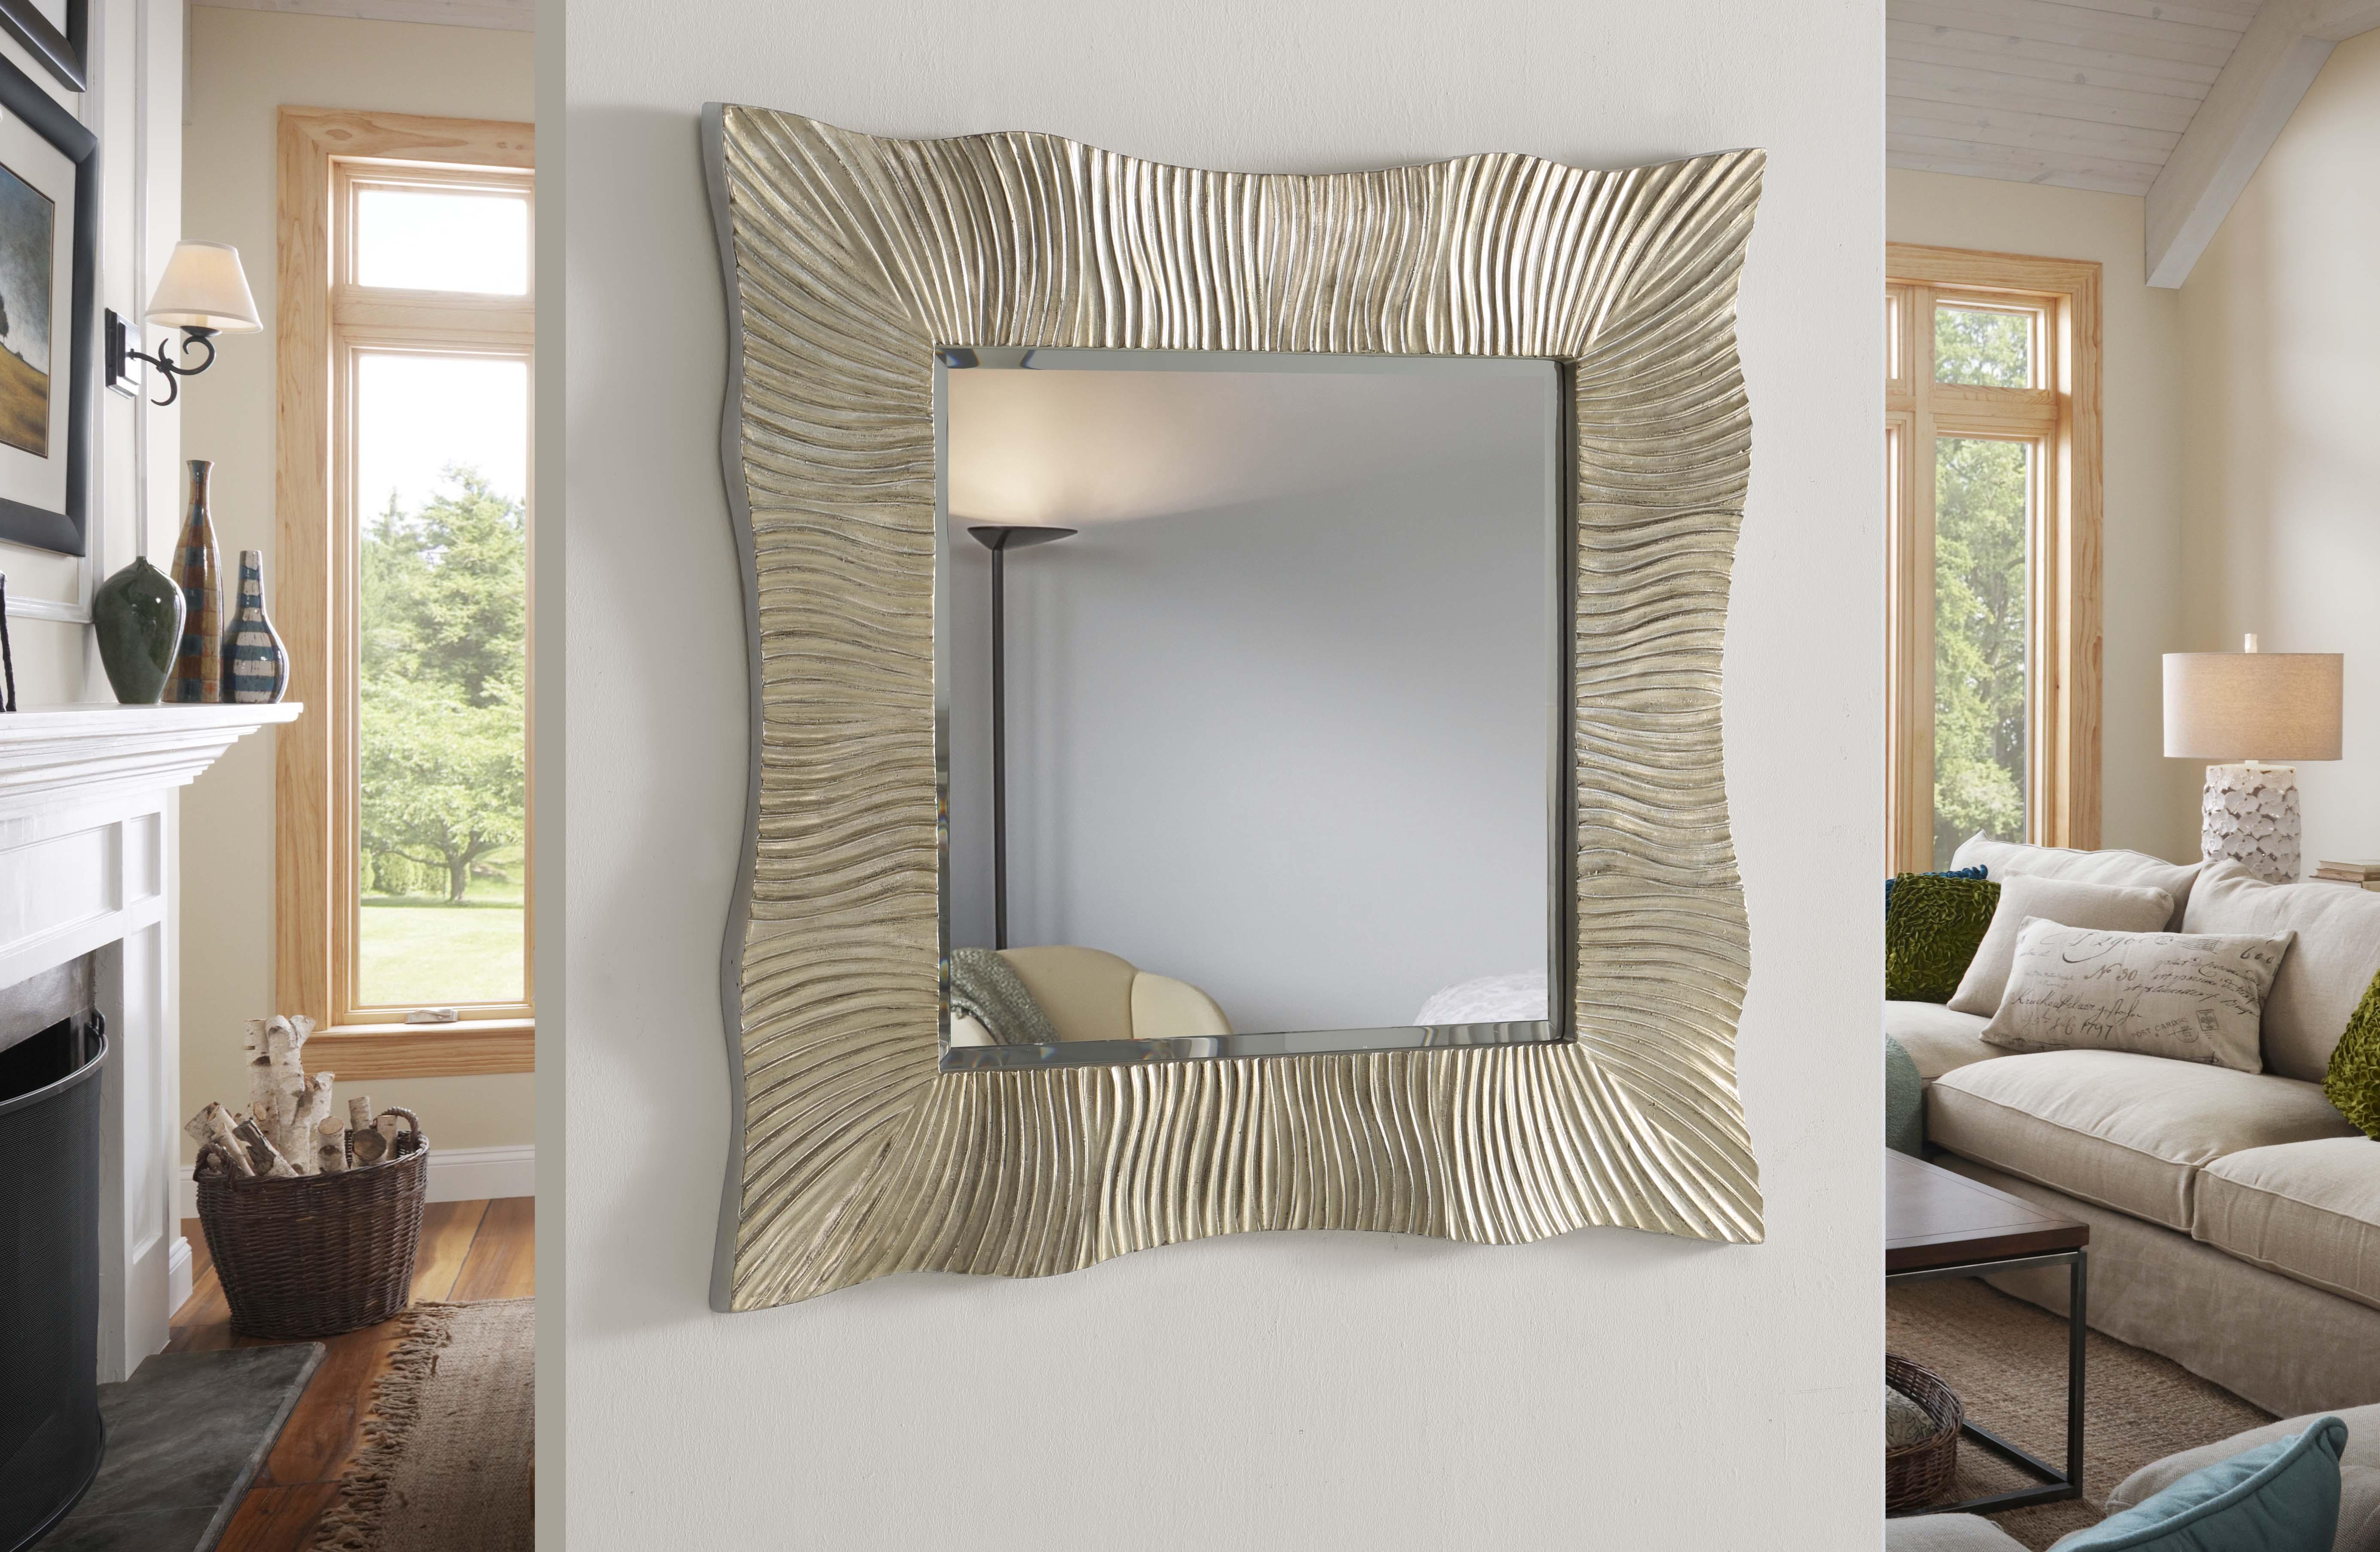 Bienvenido a ibergada ibergada decora tu hogar for Articulos de decoracion hogar